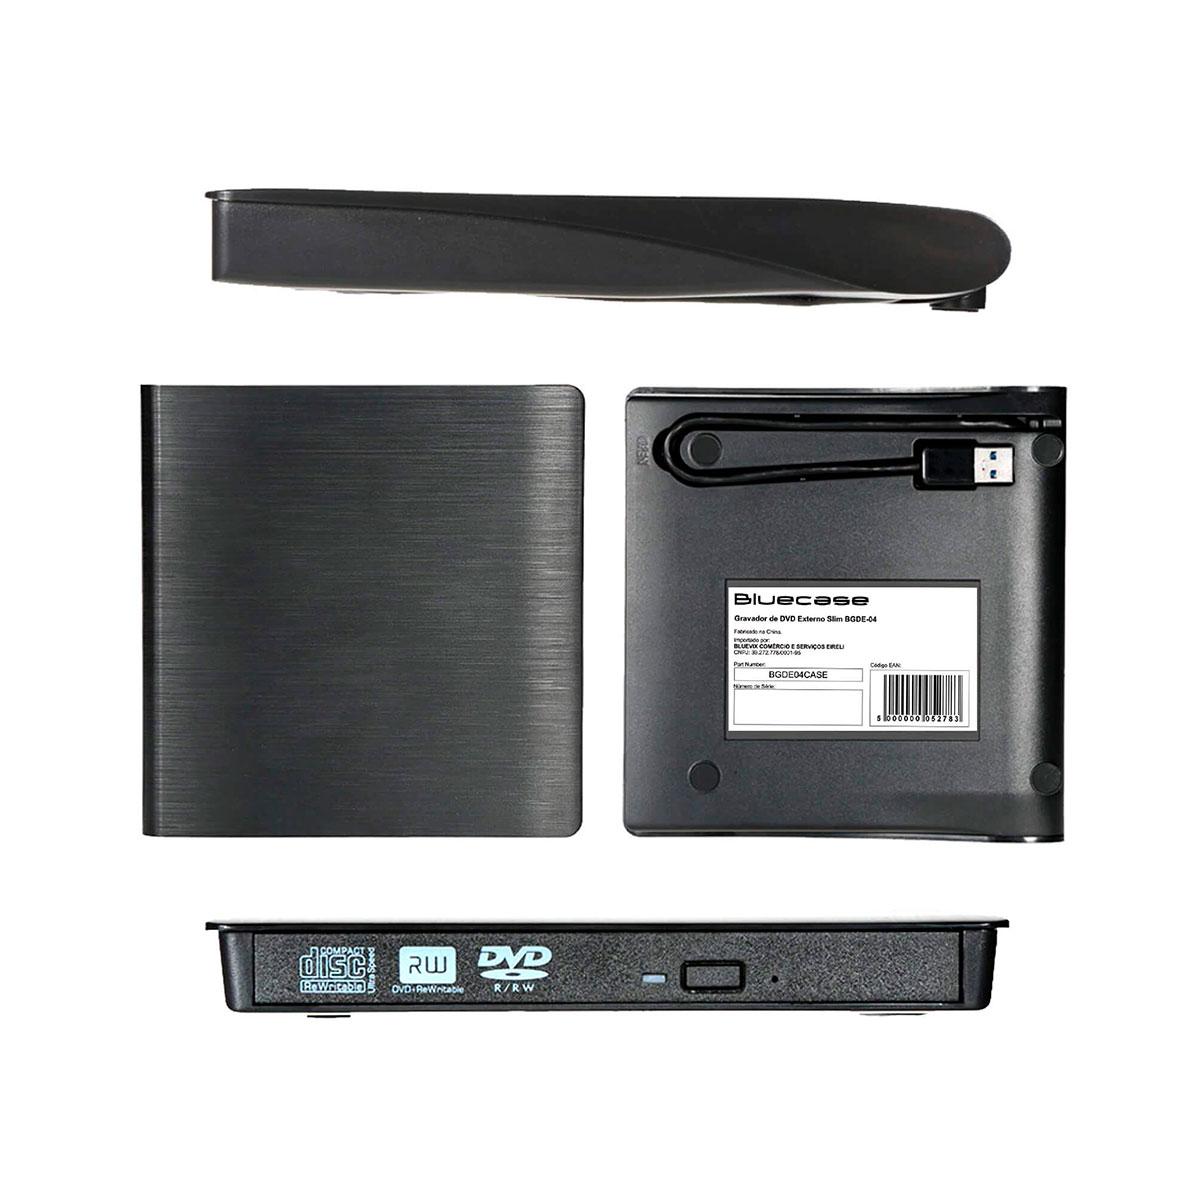 Gravador e Leitor de CD/DVD Externo Bluecase BGDE-04, Slim, USB 3.0, Preto